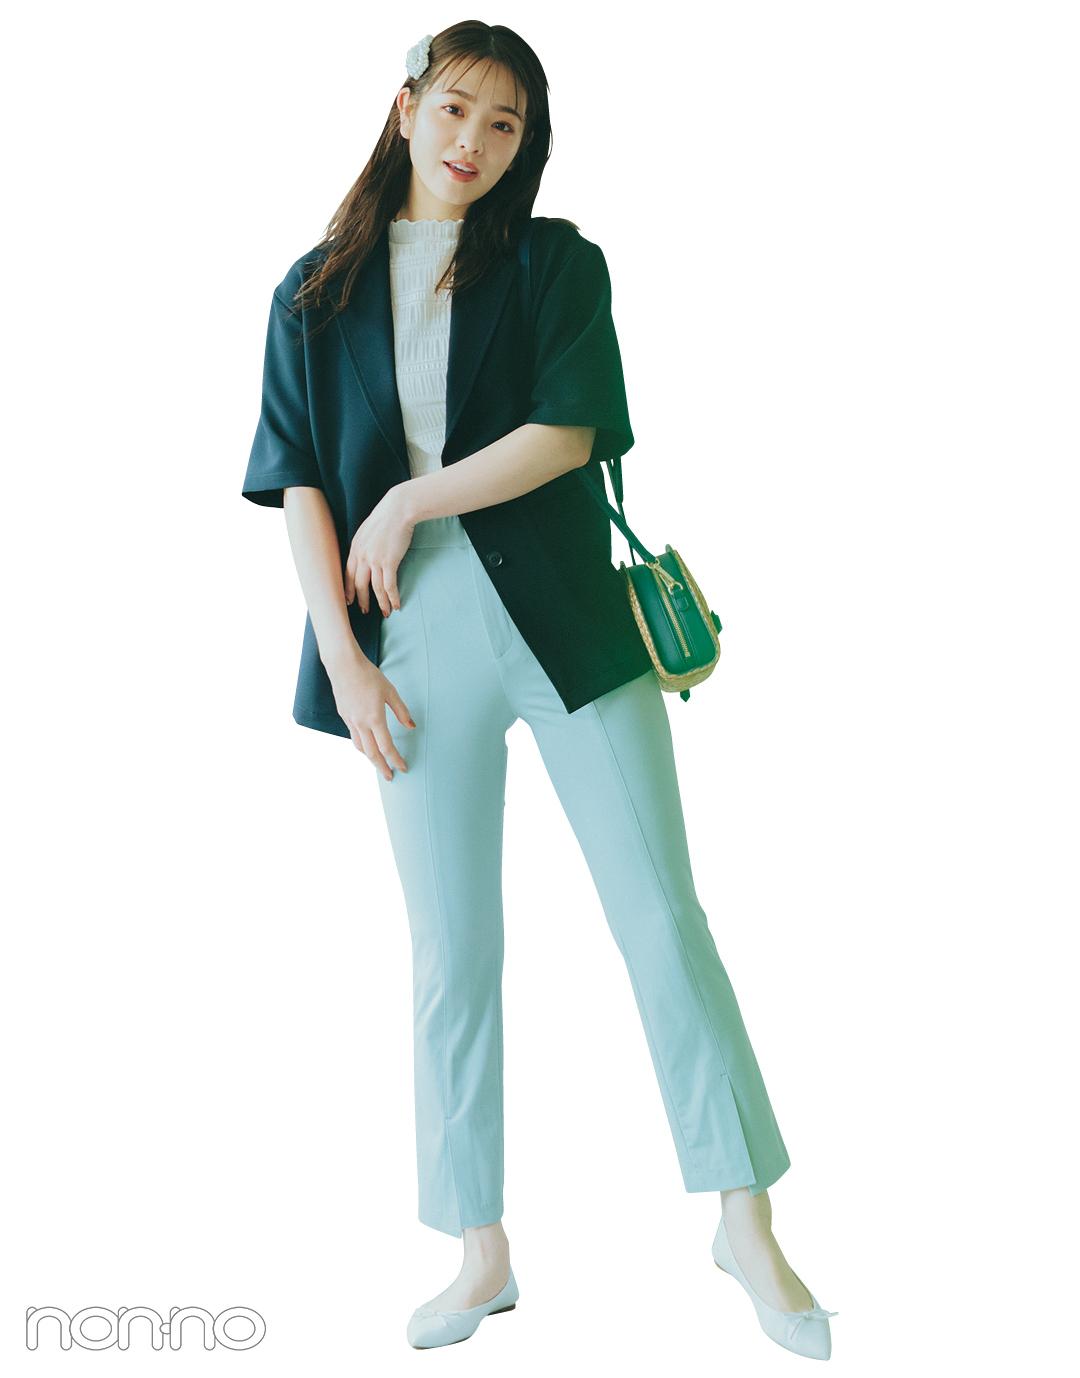 『横田真悠』の『 カラーパンツ』モデルカット5−1